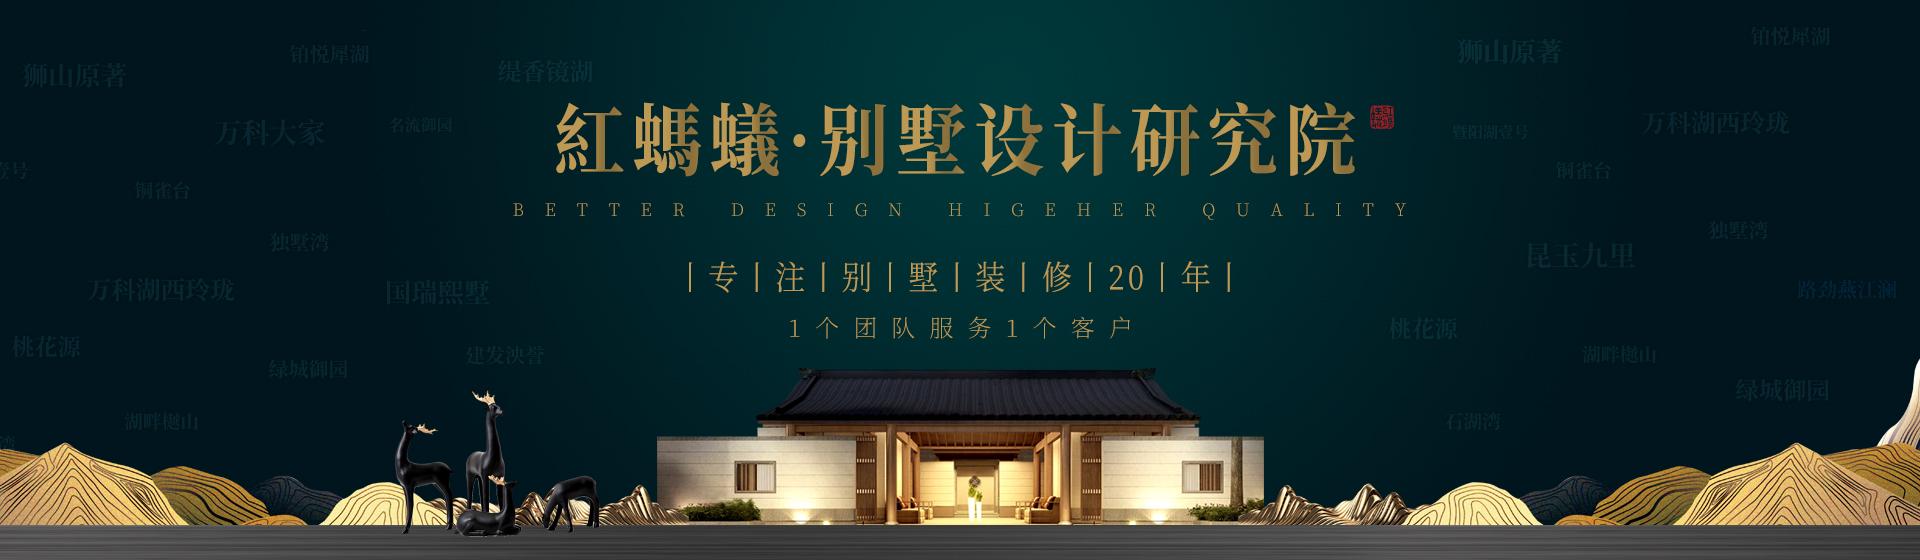 万博manbetx官网网页版设计研究院